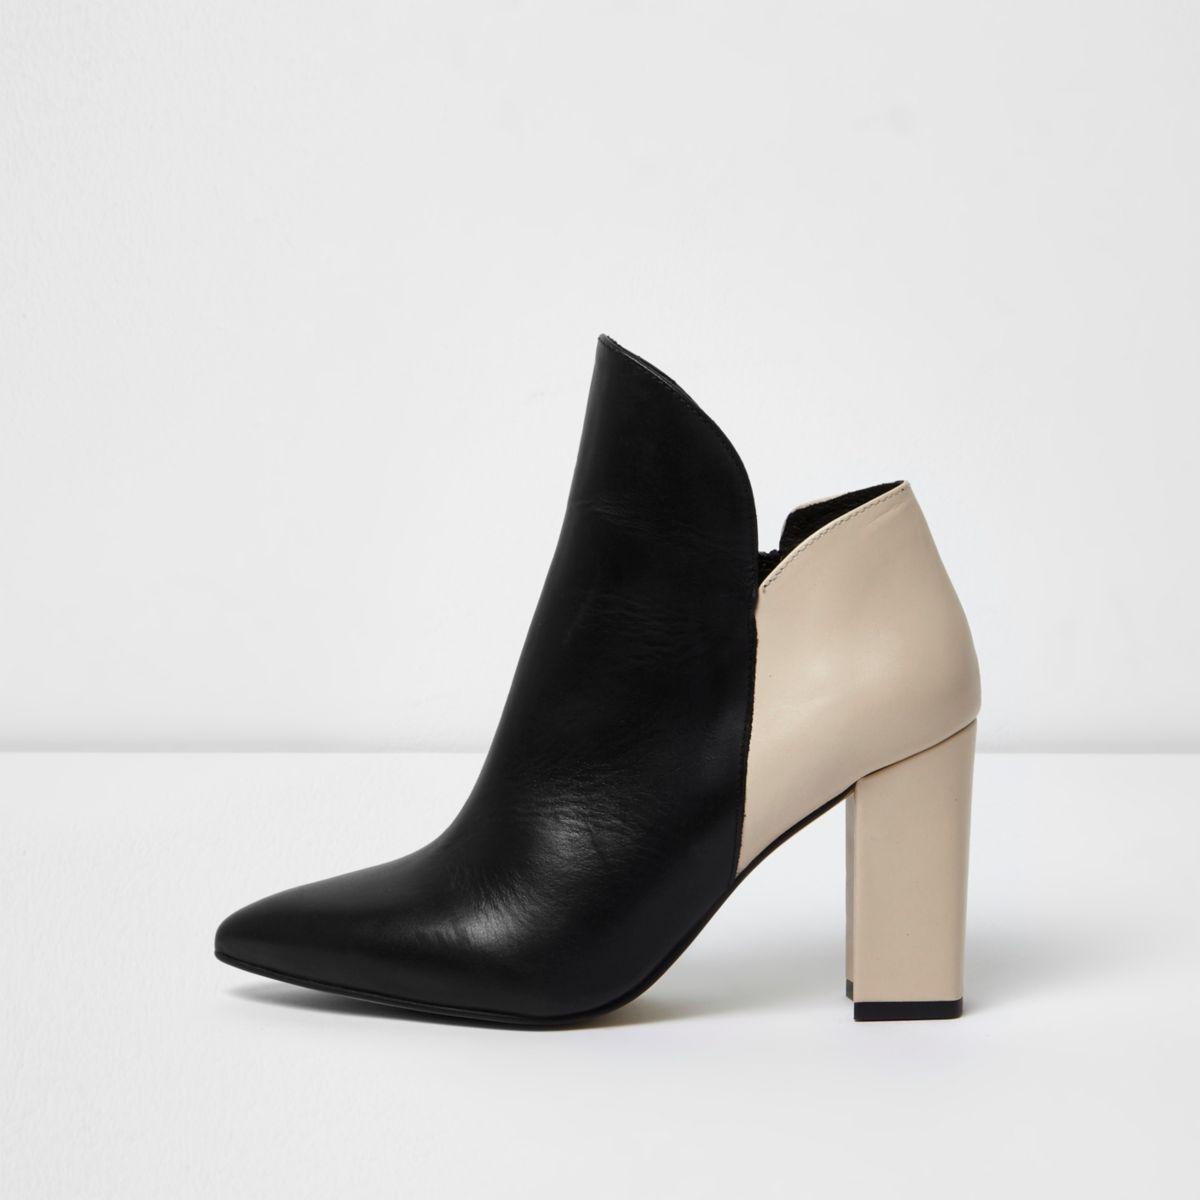 Beige and black block heel boots